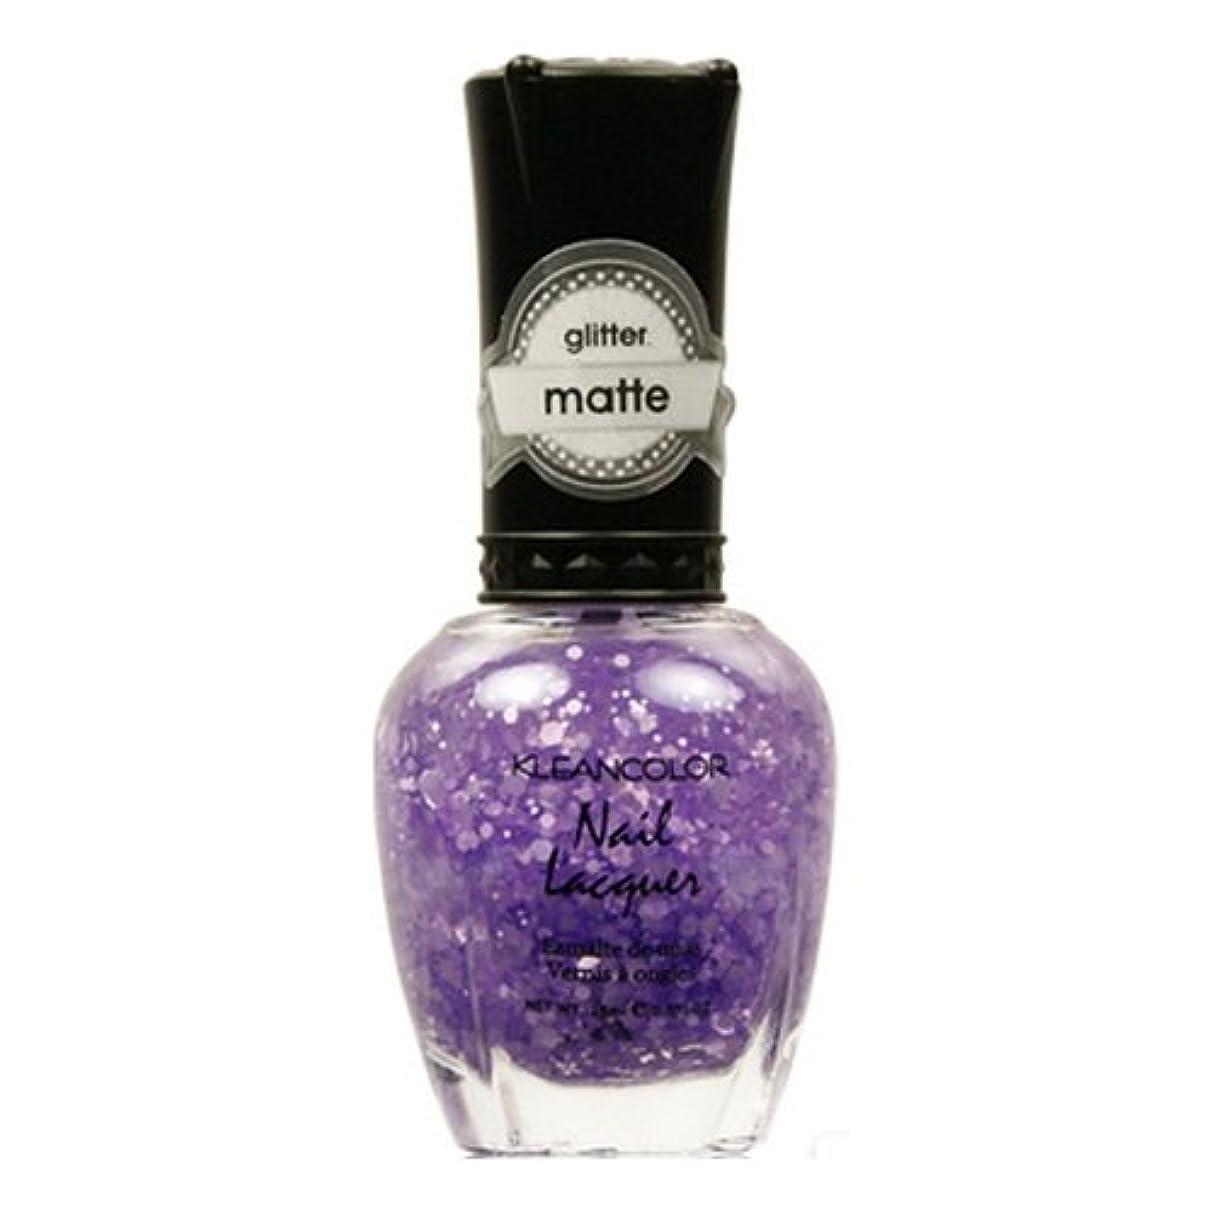 塩黒くする主観的KLEANCOLOR Glitter Matte Nail Lacquer - Playful Lavender (並行輸入品)